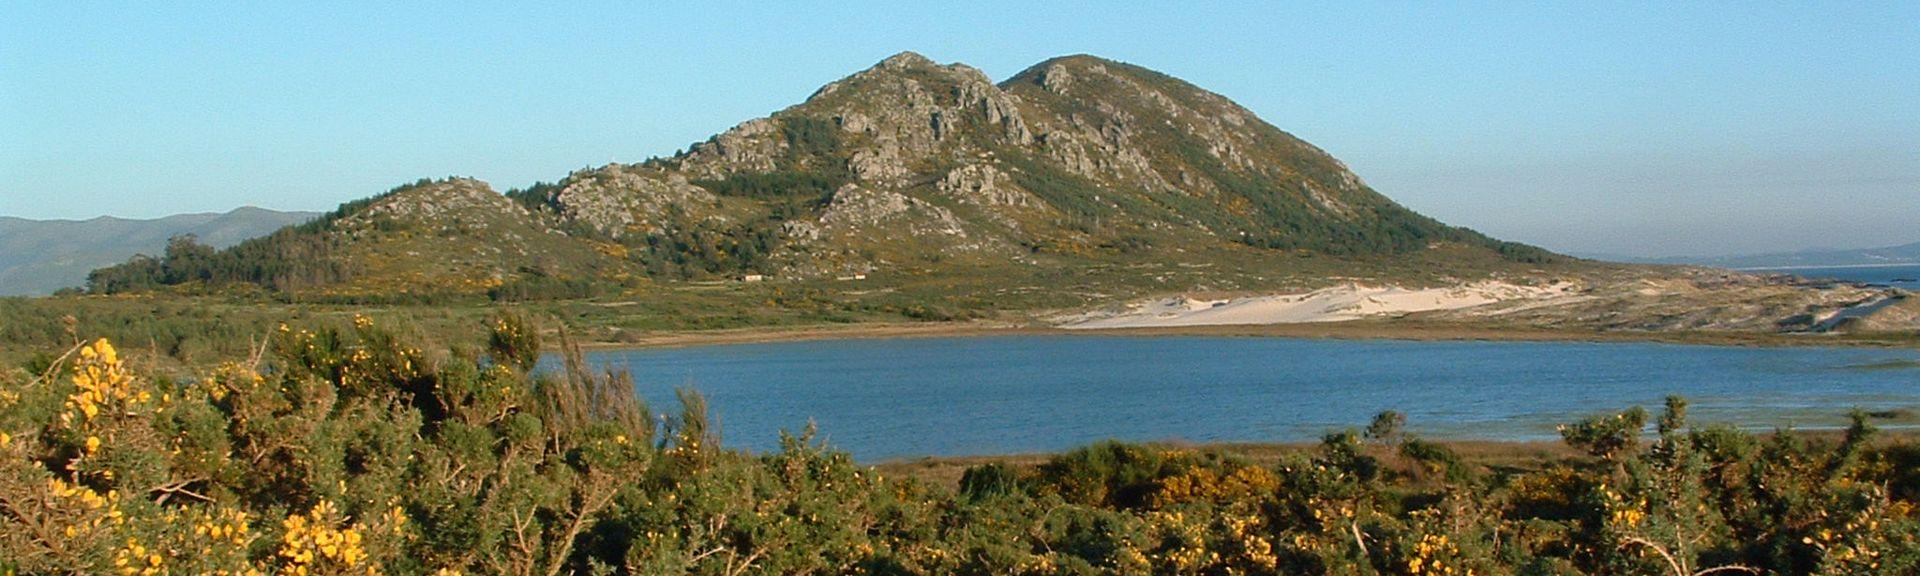 Carnota, Galicia, Spain